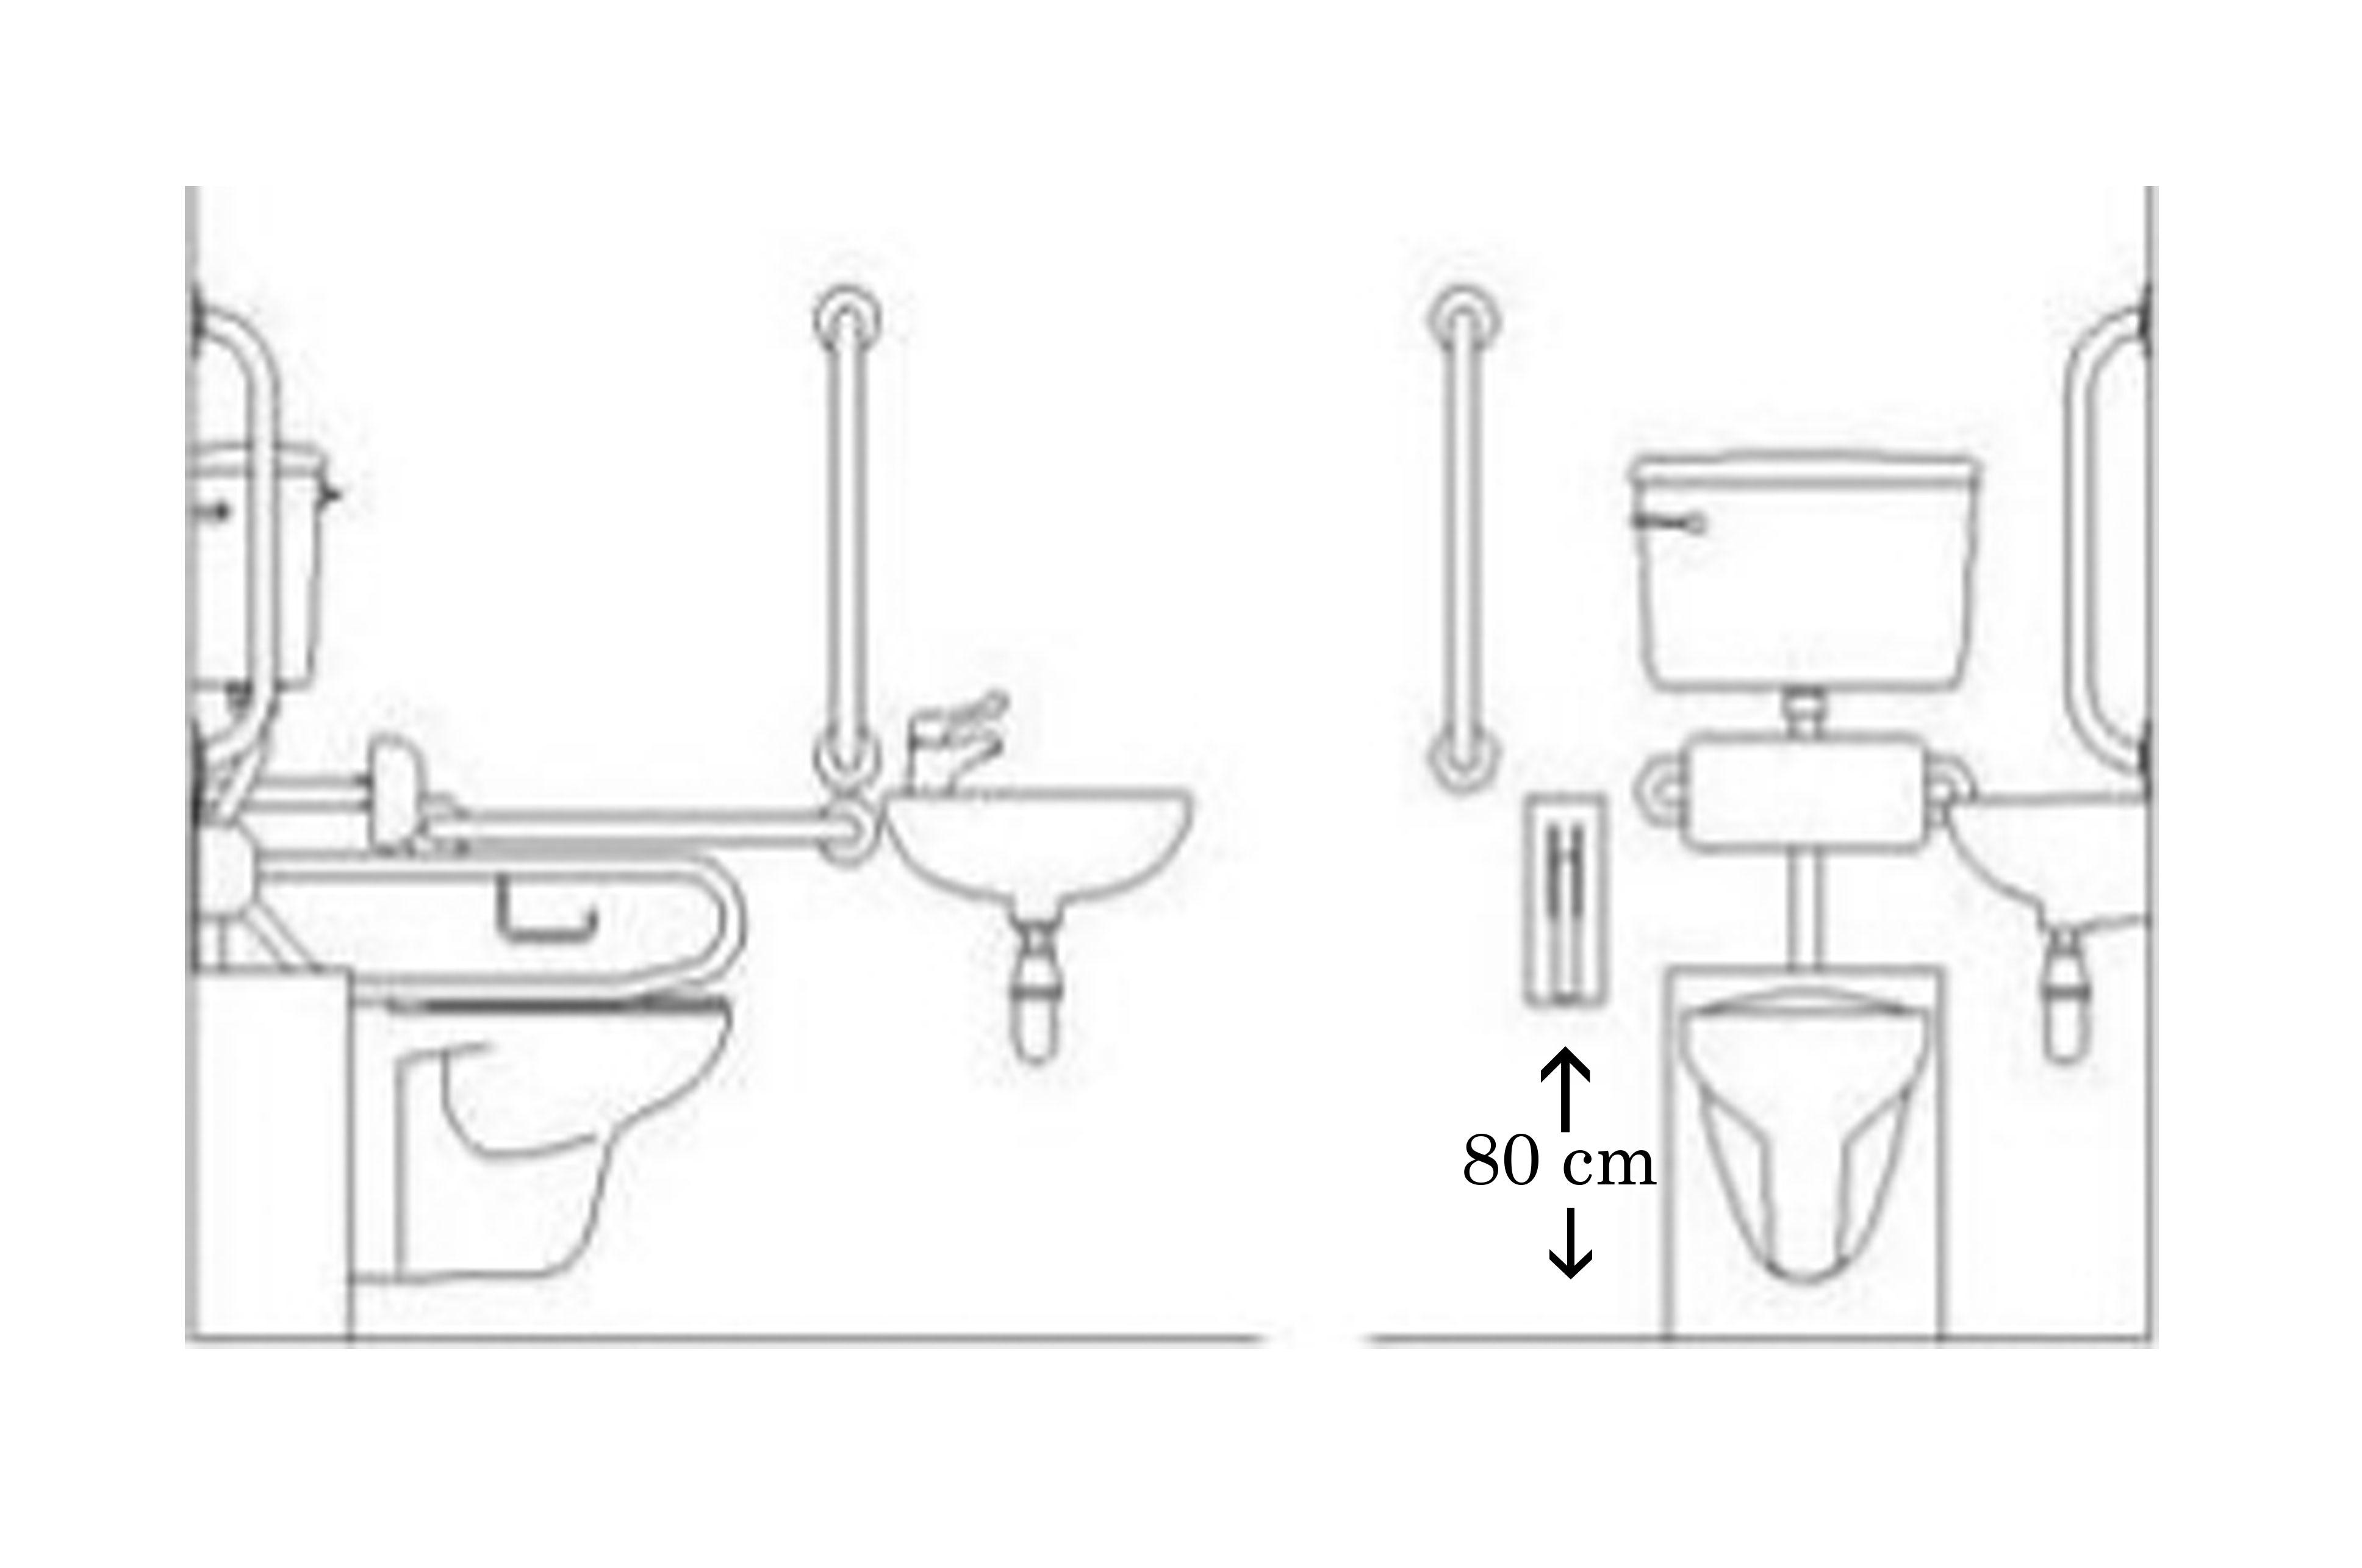 Altezza Placca Wc maniglione di sicurezza ribaltabile per bagno disabili